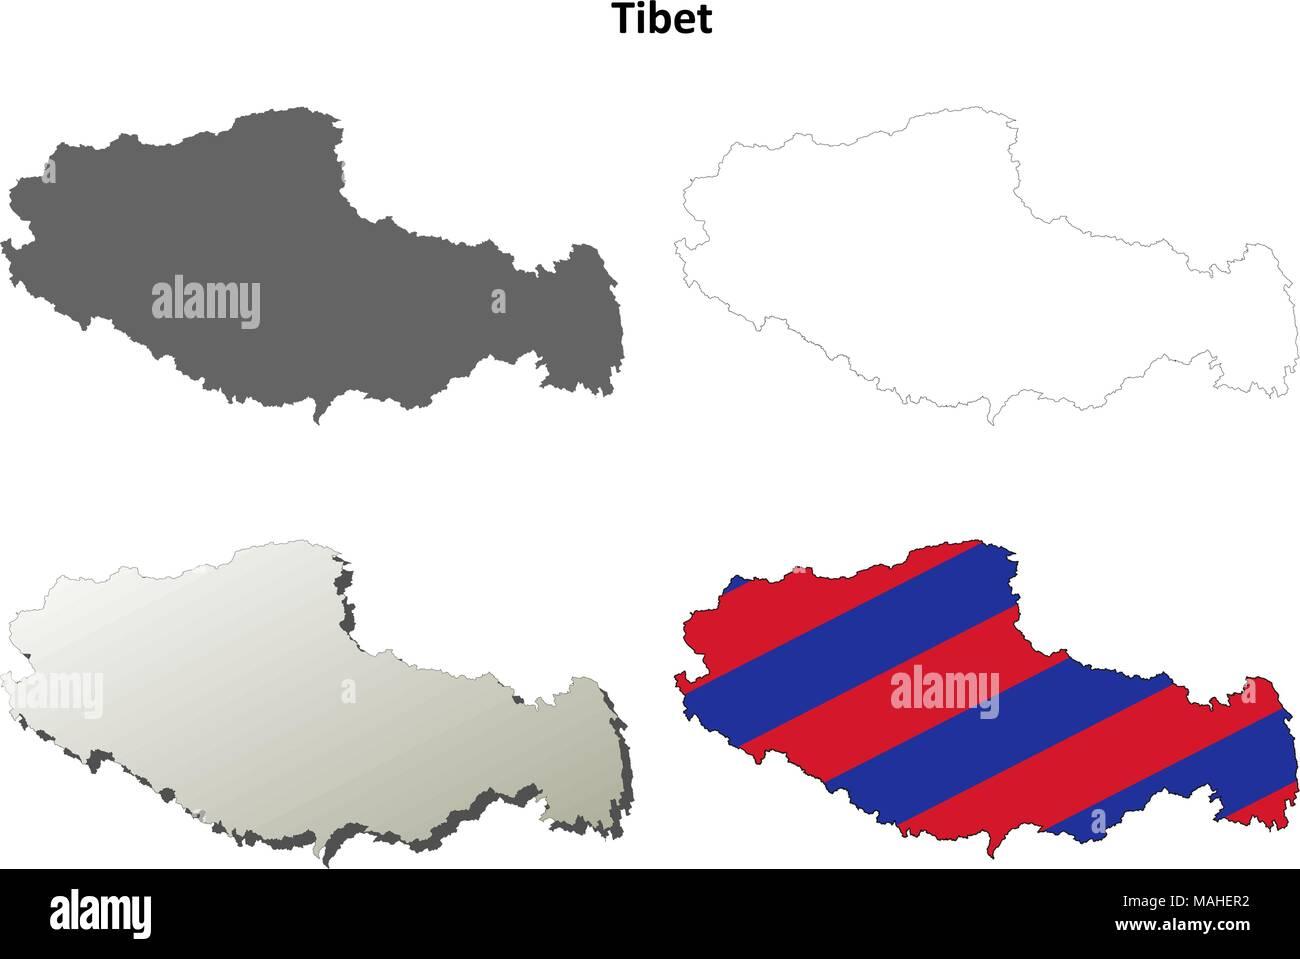 Tibet outline map set - Tibetan version - Stock Vector